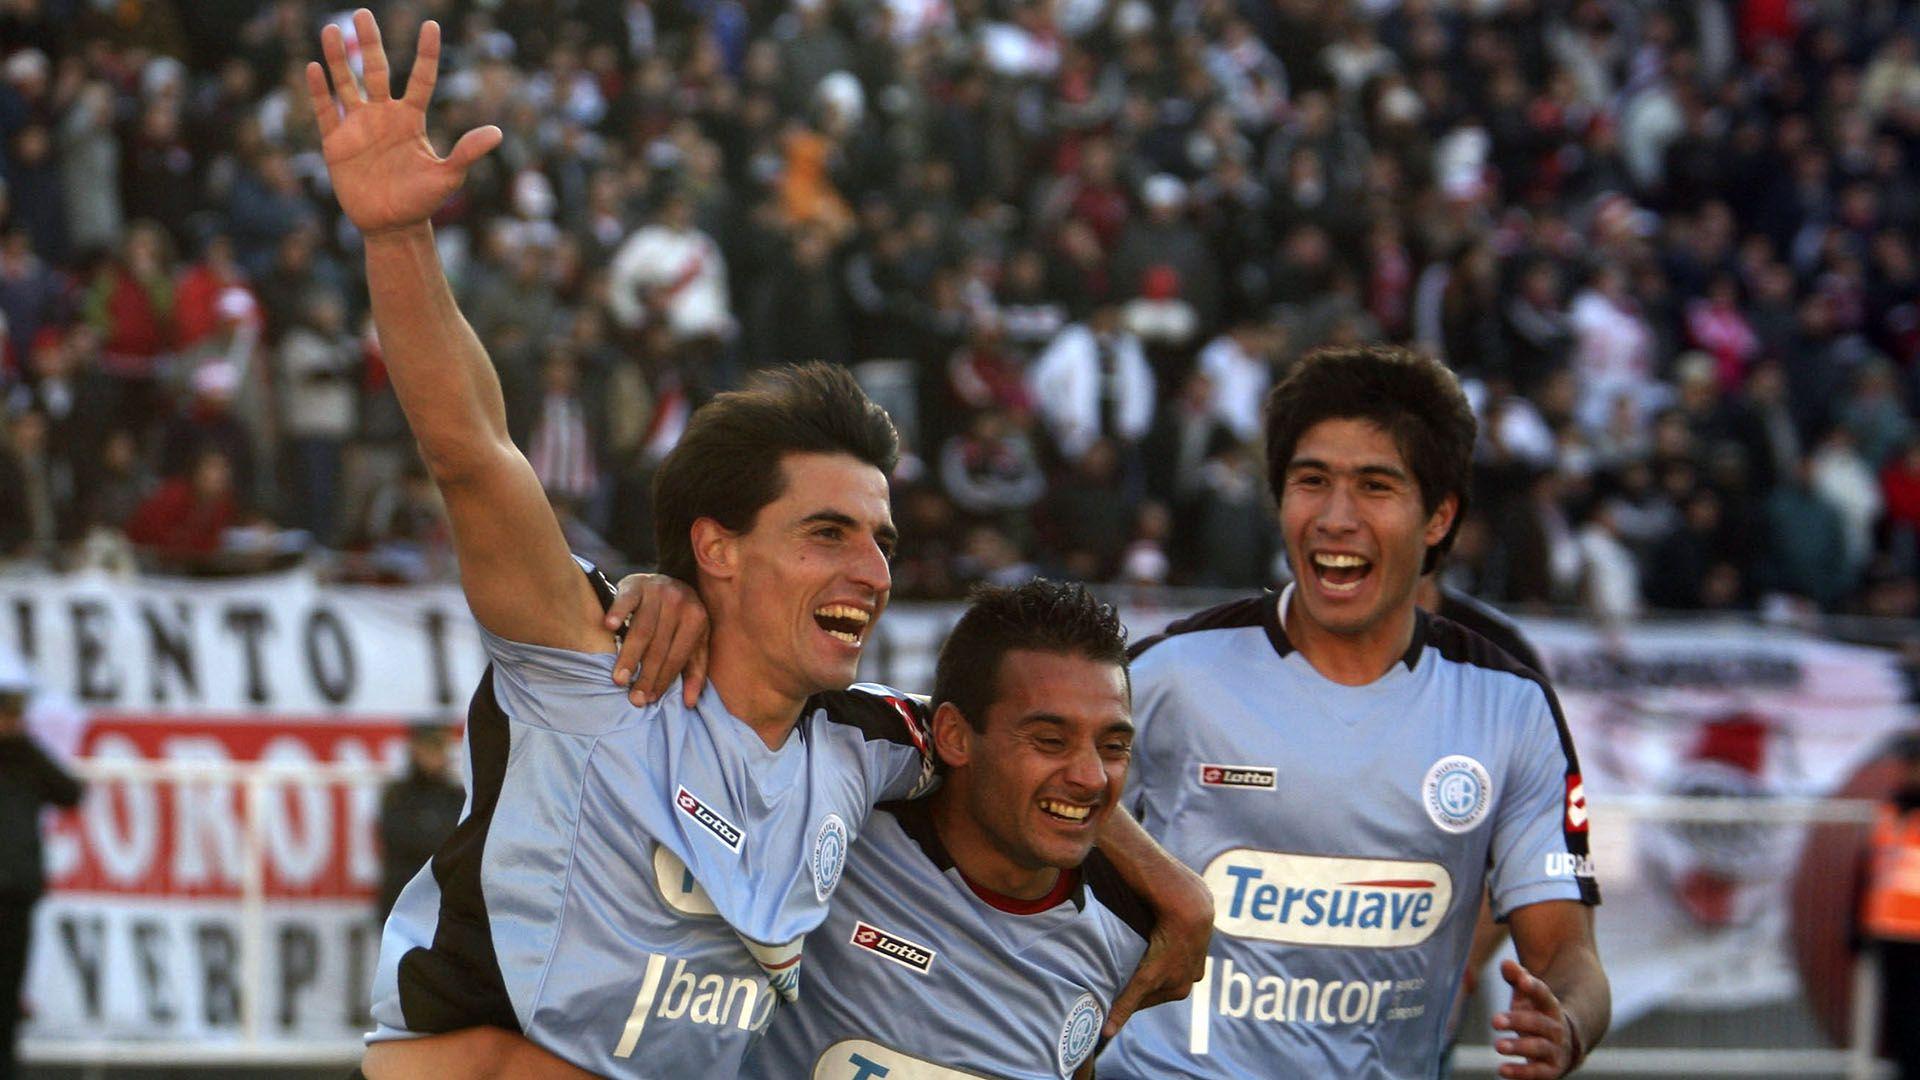 Picante Pereyra (centro) celebra el gol de Farré en cancha de River, el día que marcó el descenso del Millonario por primera vez en su historia (Foto Baires)